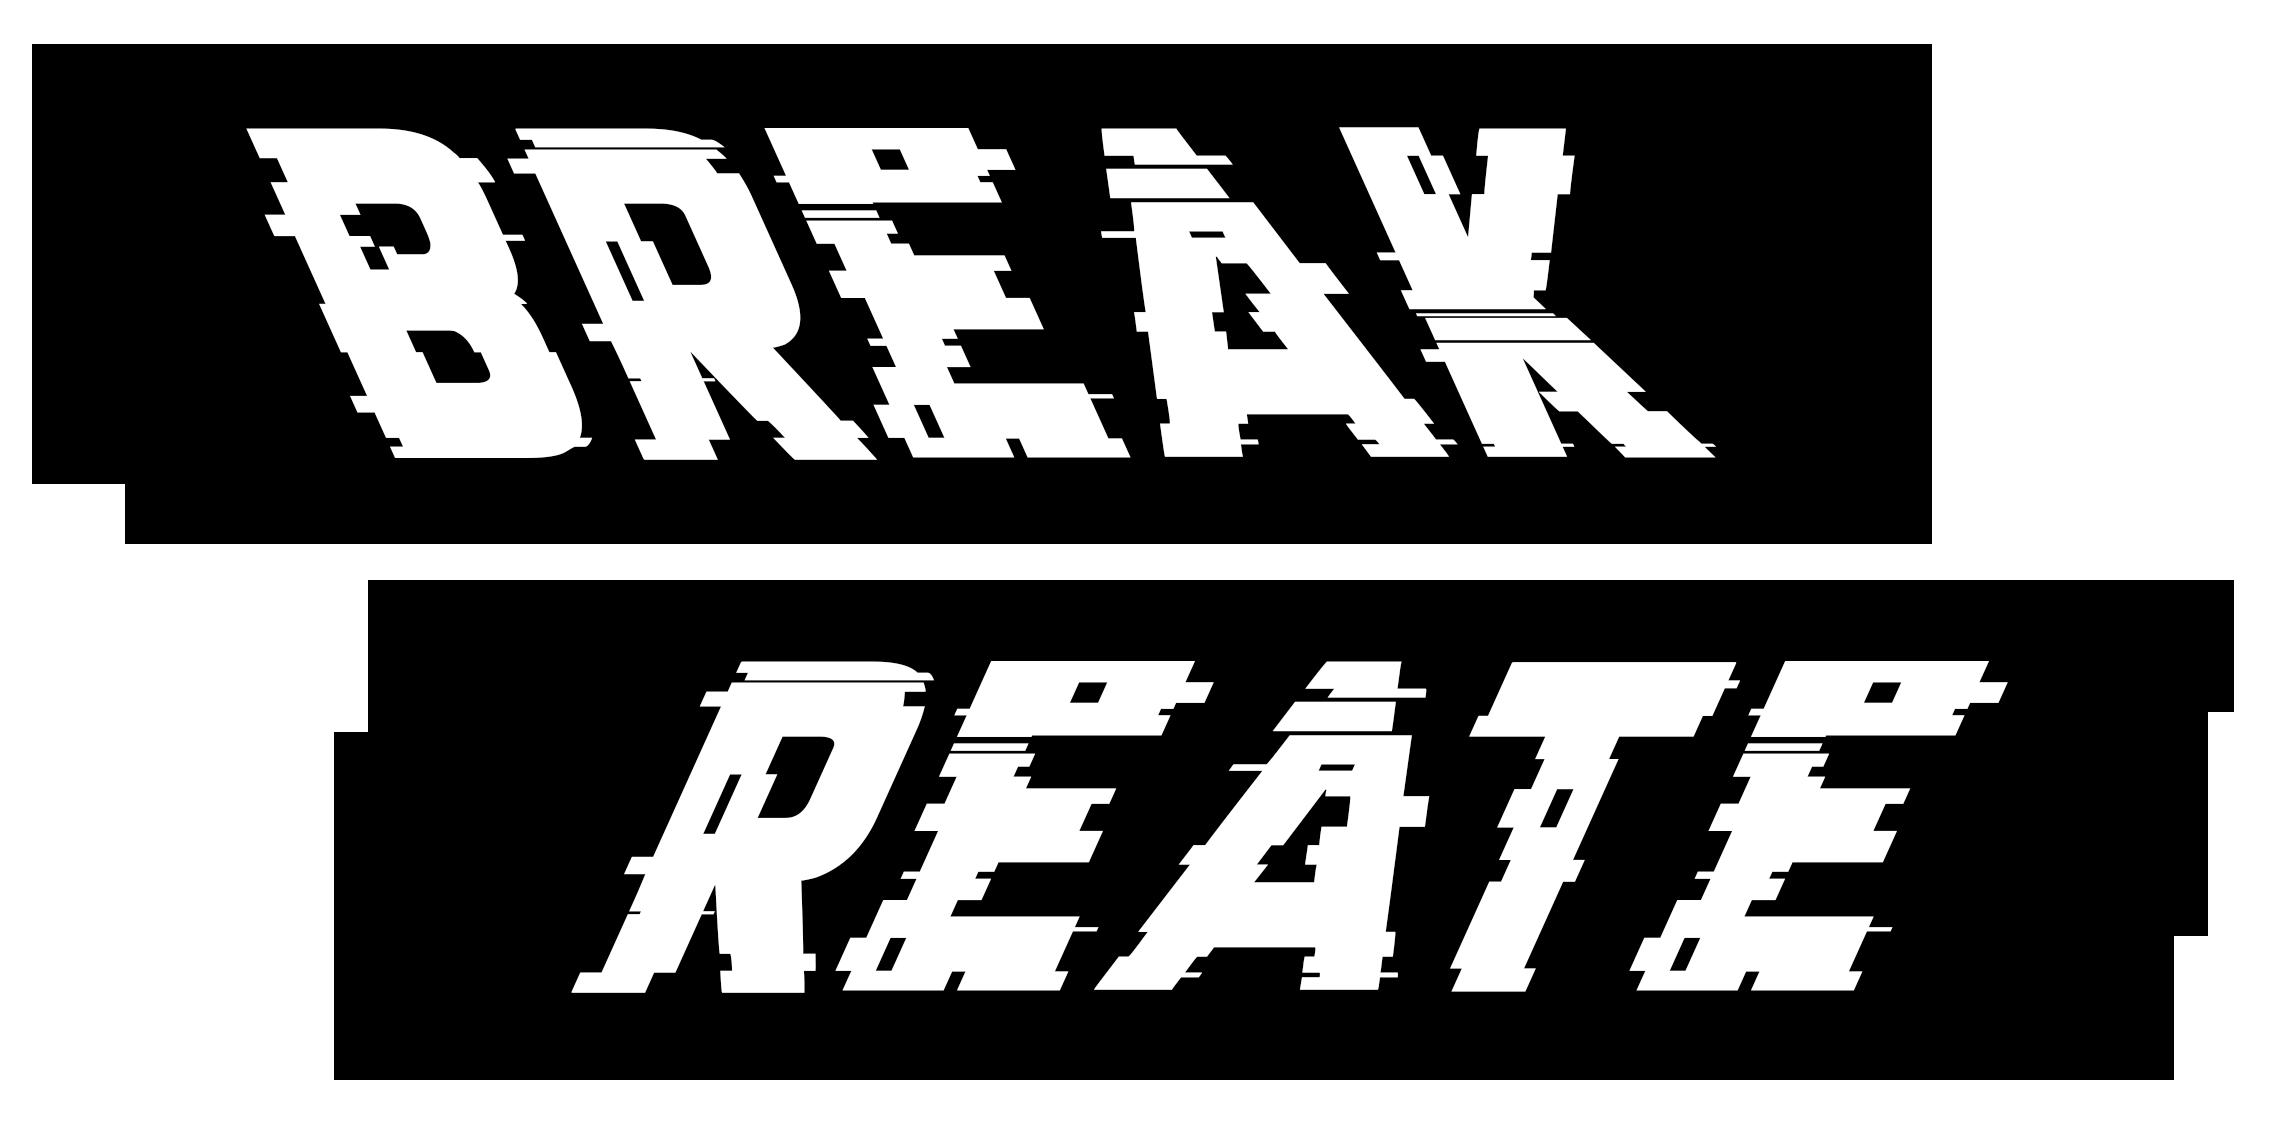 Breakreate